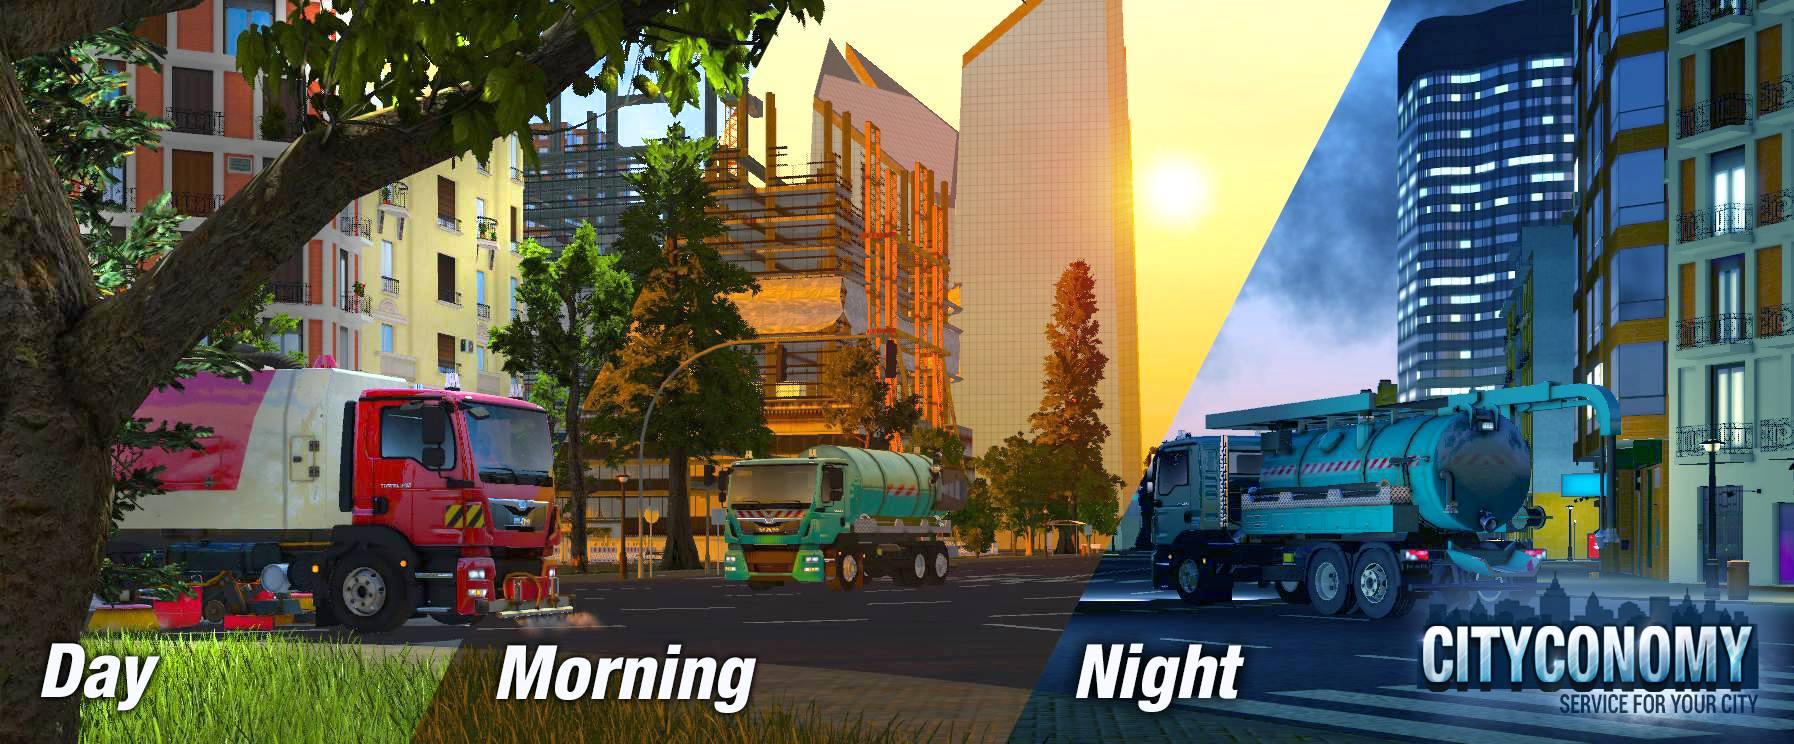 V simulátoru Cityconomy se budete starat o veřejné služby města 116062